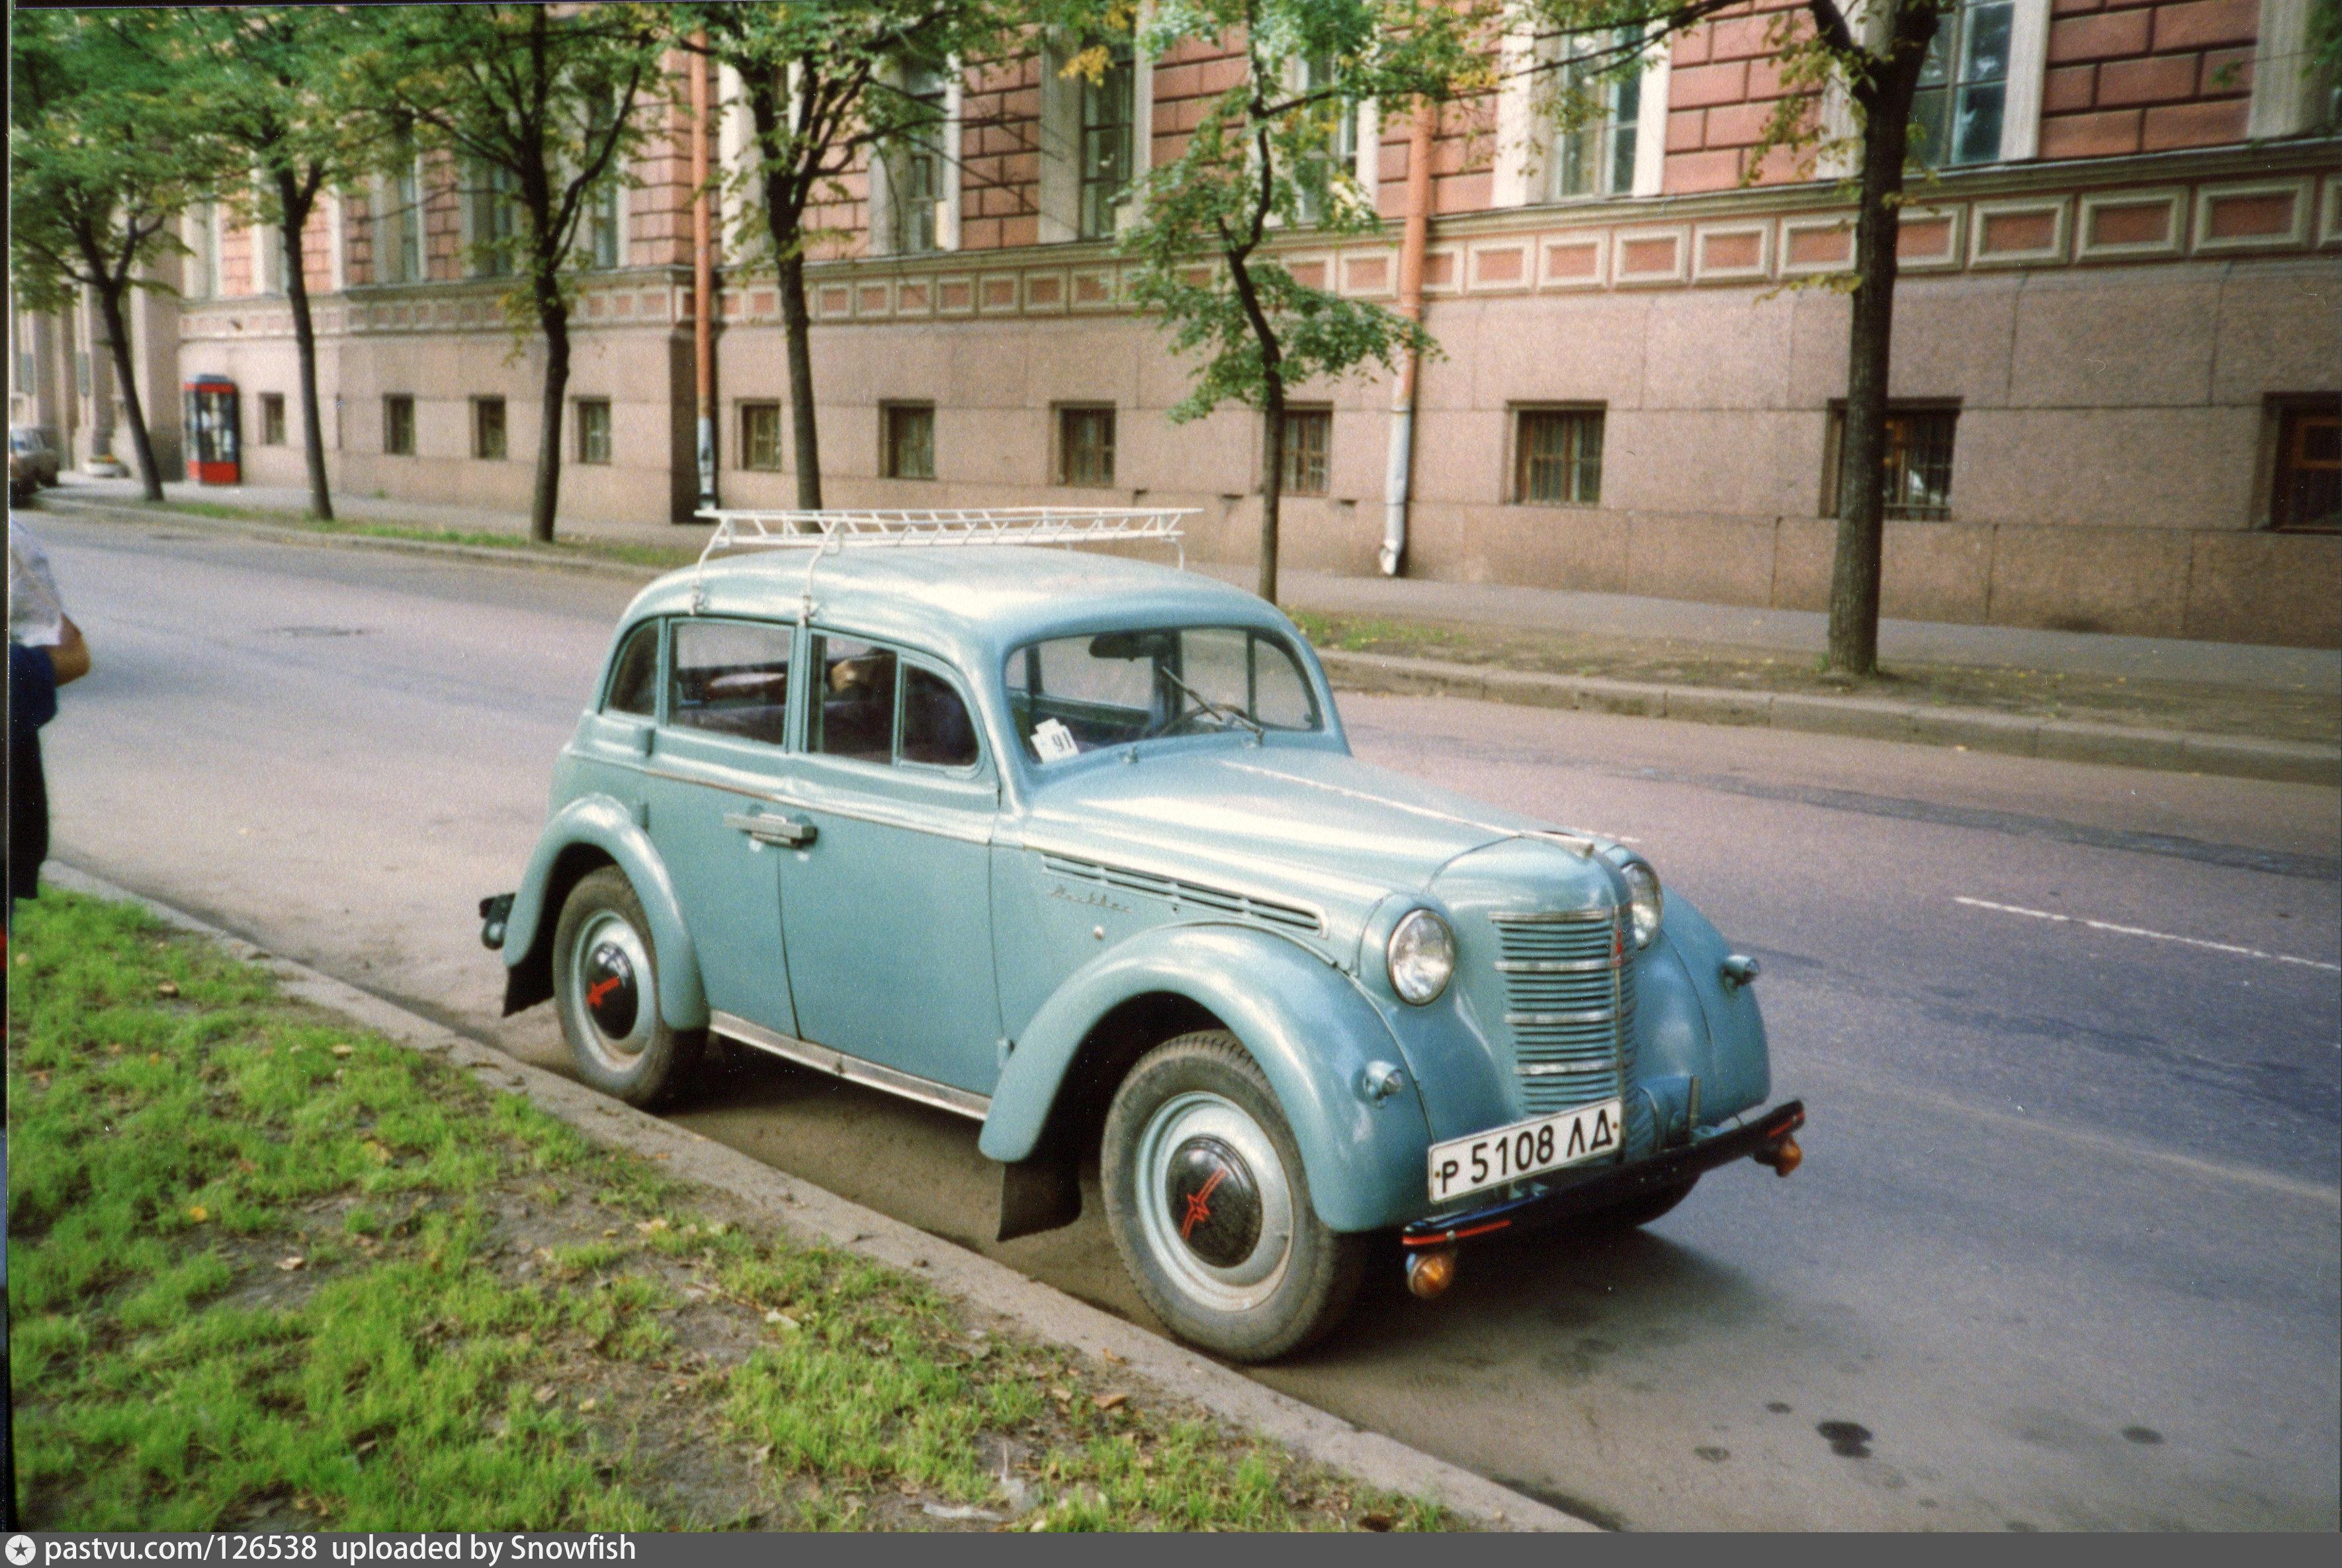 приятной, фото старых москвичей авто часть